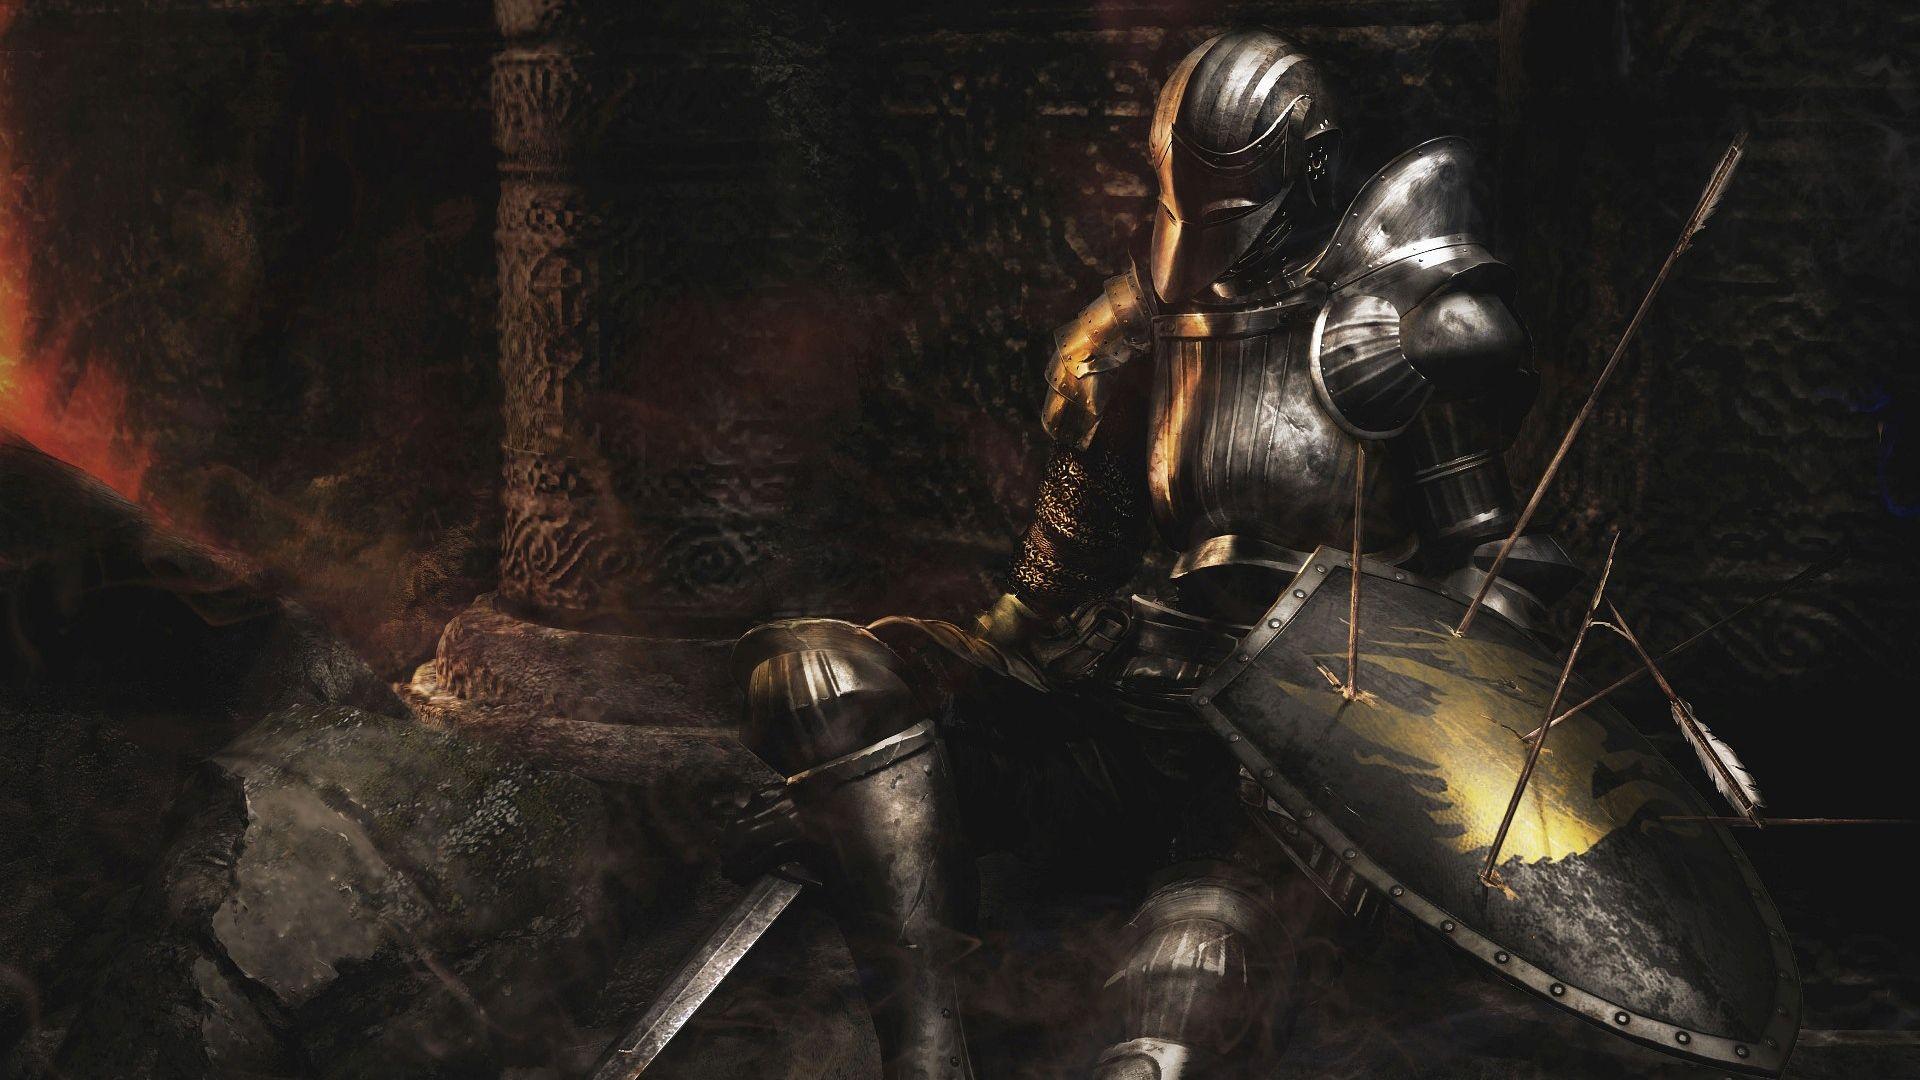 Dark Souls 3 Wallpaper 1080p